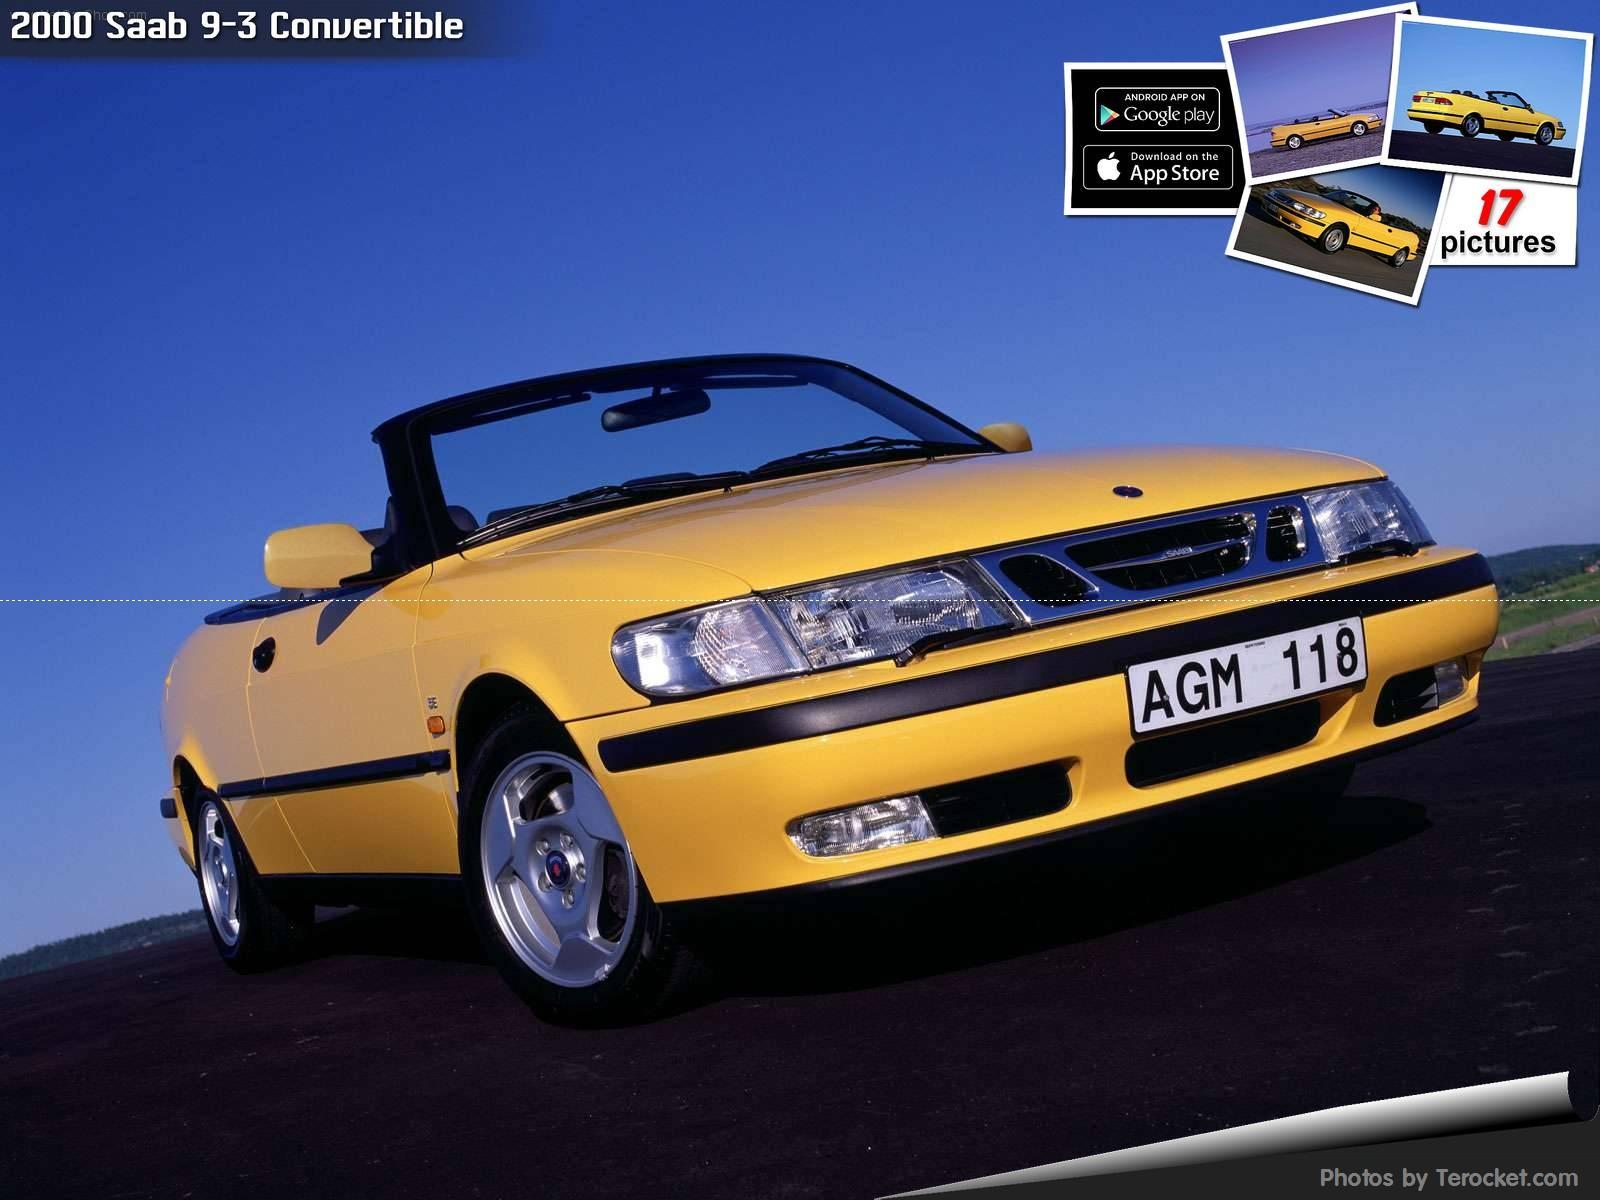 Hình ảnh xe ô tô Saab 9-3 Convertible 2000 & nội ngoại thất